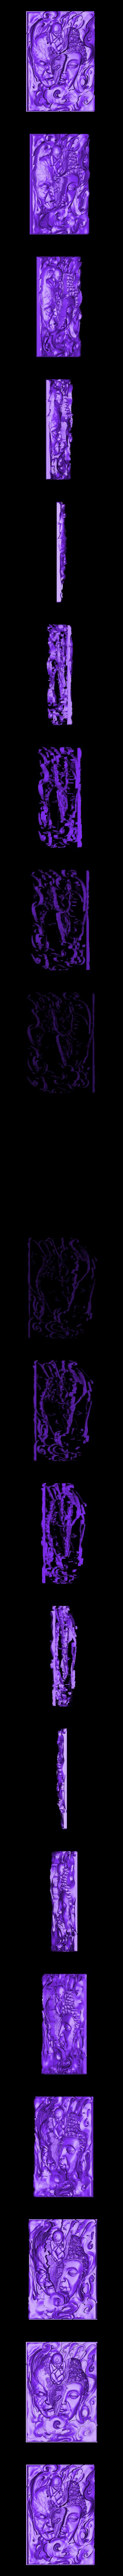 buddhaAndDemon.stl Télécharger fichier STL gratuit Bouddha ou démon dans un instant • Objet à imprimer en 3D, stlfilesfree